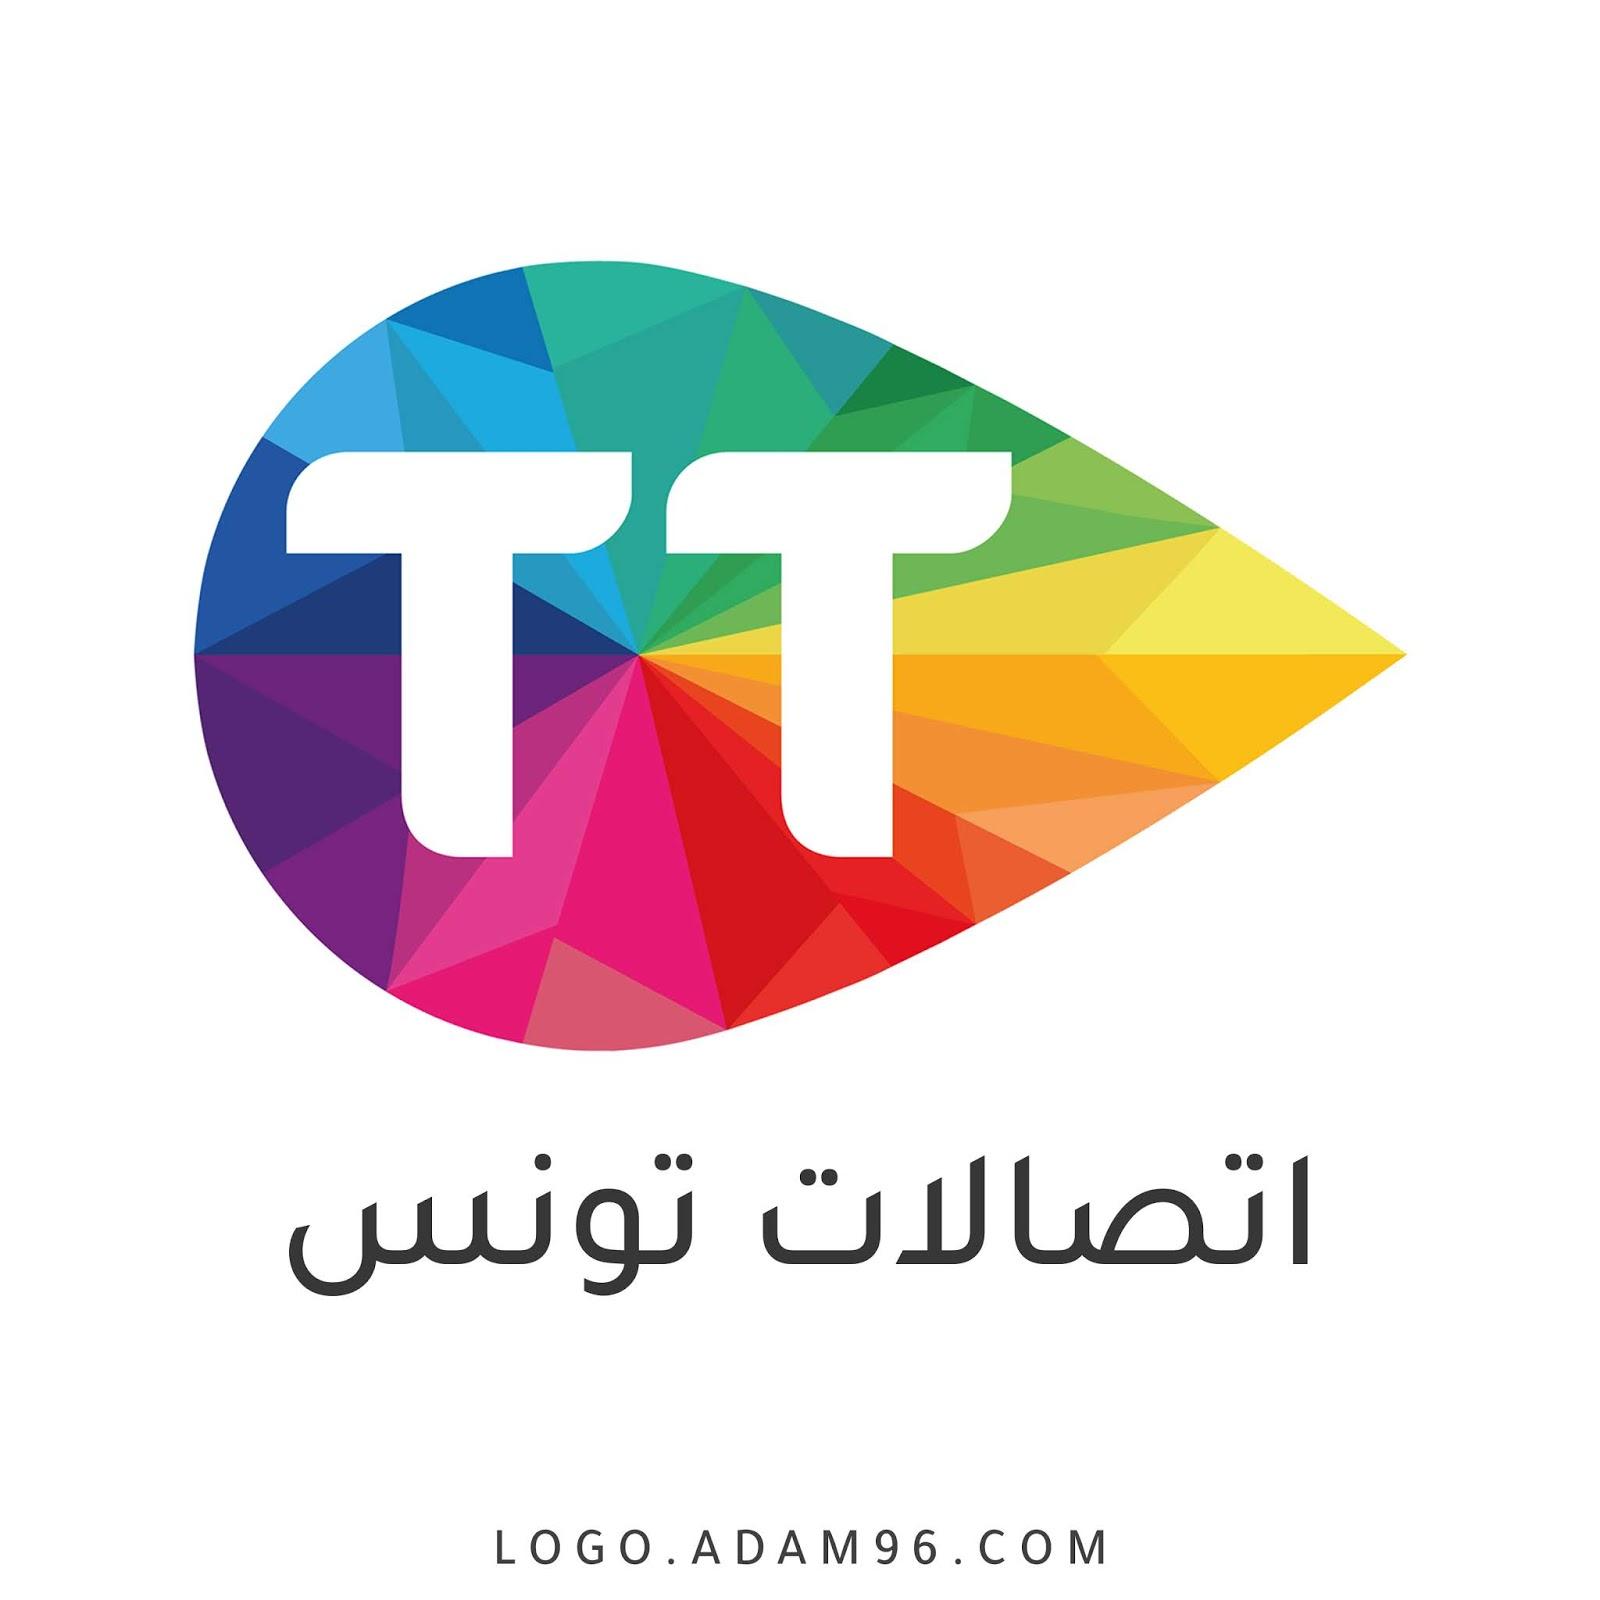 شركة الاتصالات تونس